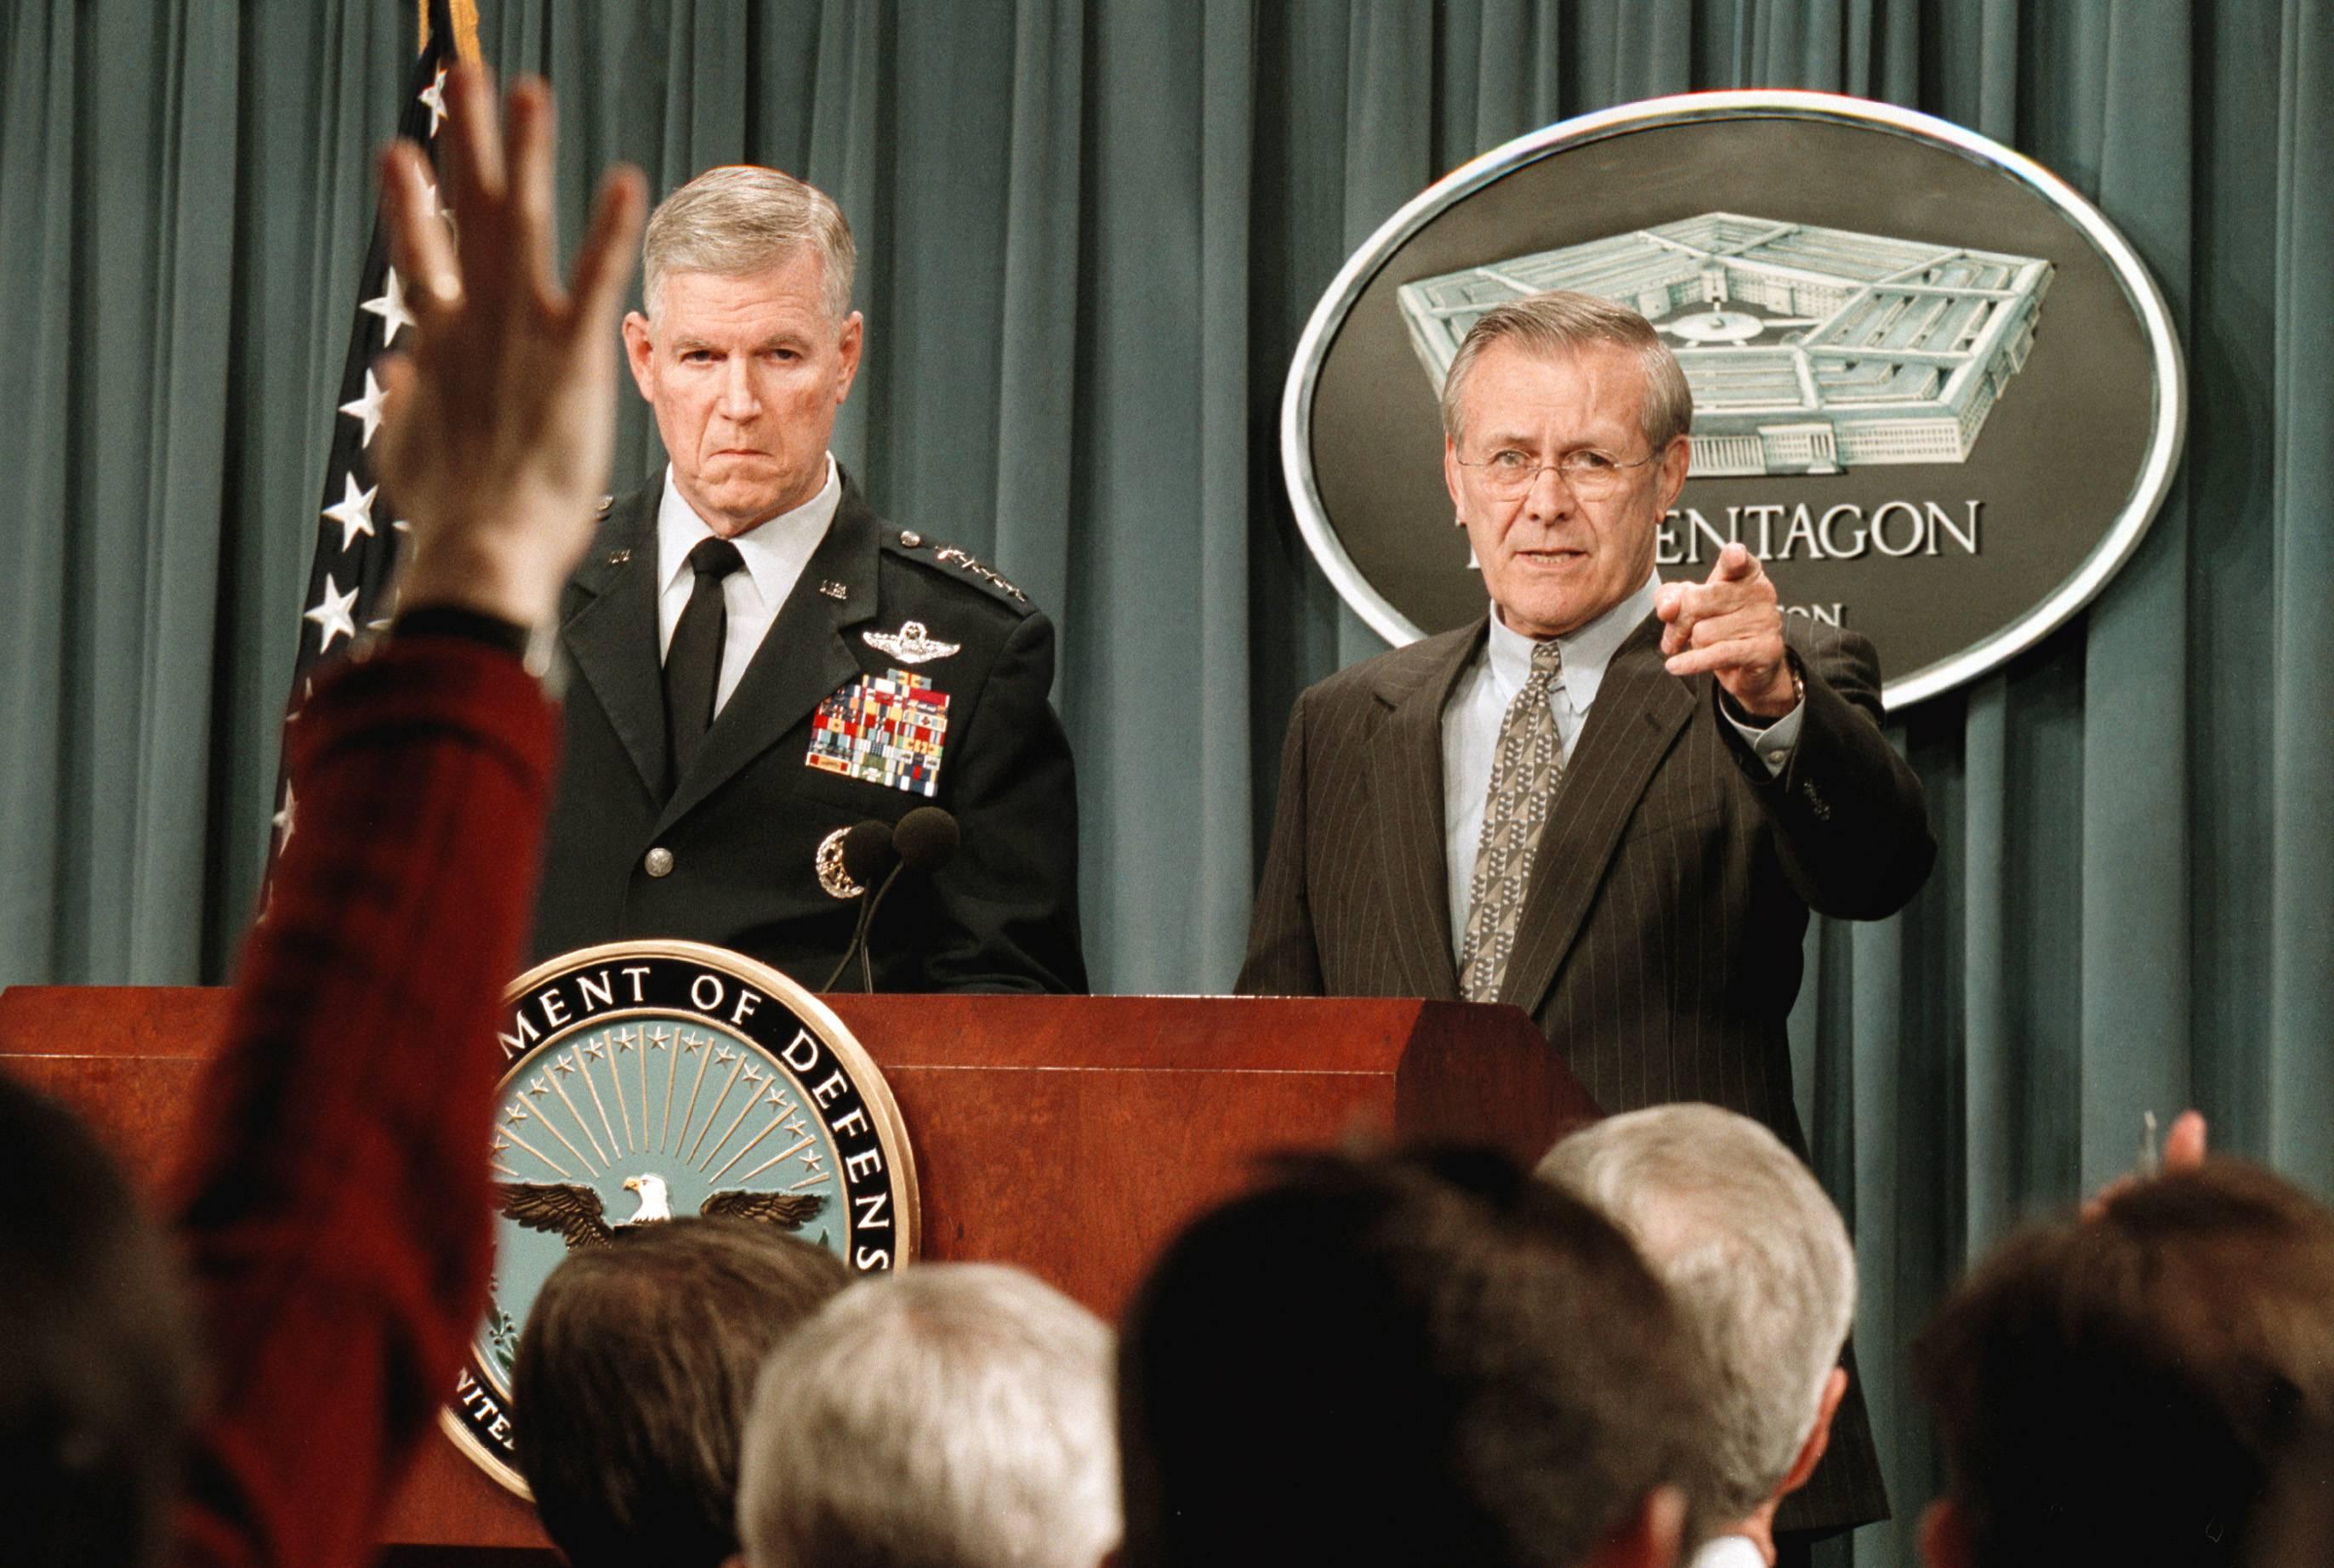 O general da Força Aérea Richard Myers (E), presidente do Estado-Maior Conjunto, e o secretário de Defesa Donald Rumsfeld durante uma coletiva de imprensa em 4 de março de 2002 no Pentágono falando sobre dois helicópteros americanos que caíram no Afeganistão | Foto: Washington Post/Robert A. Reeder